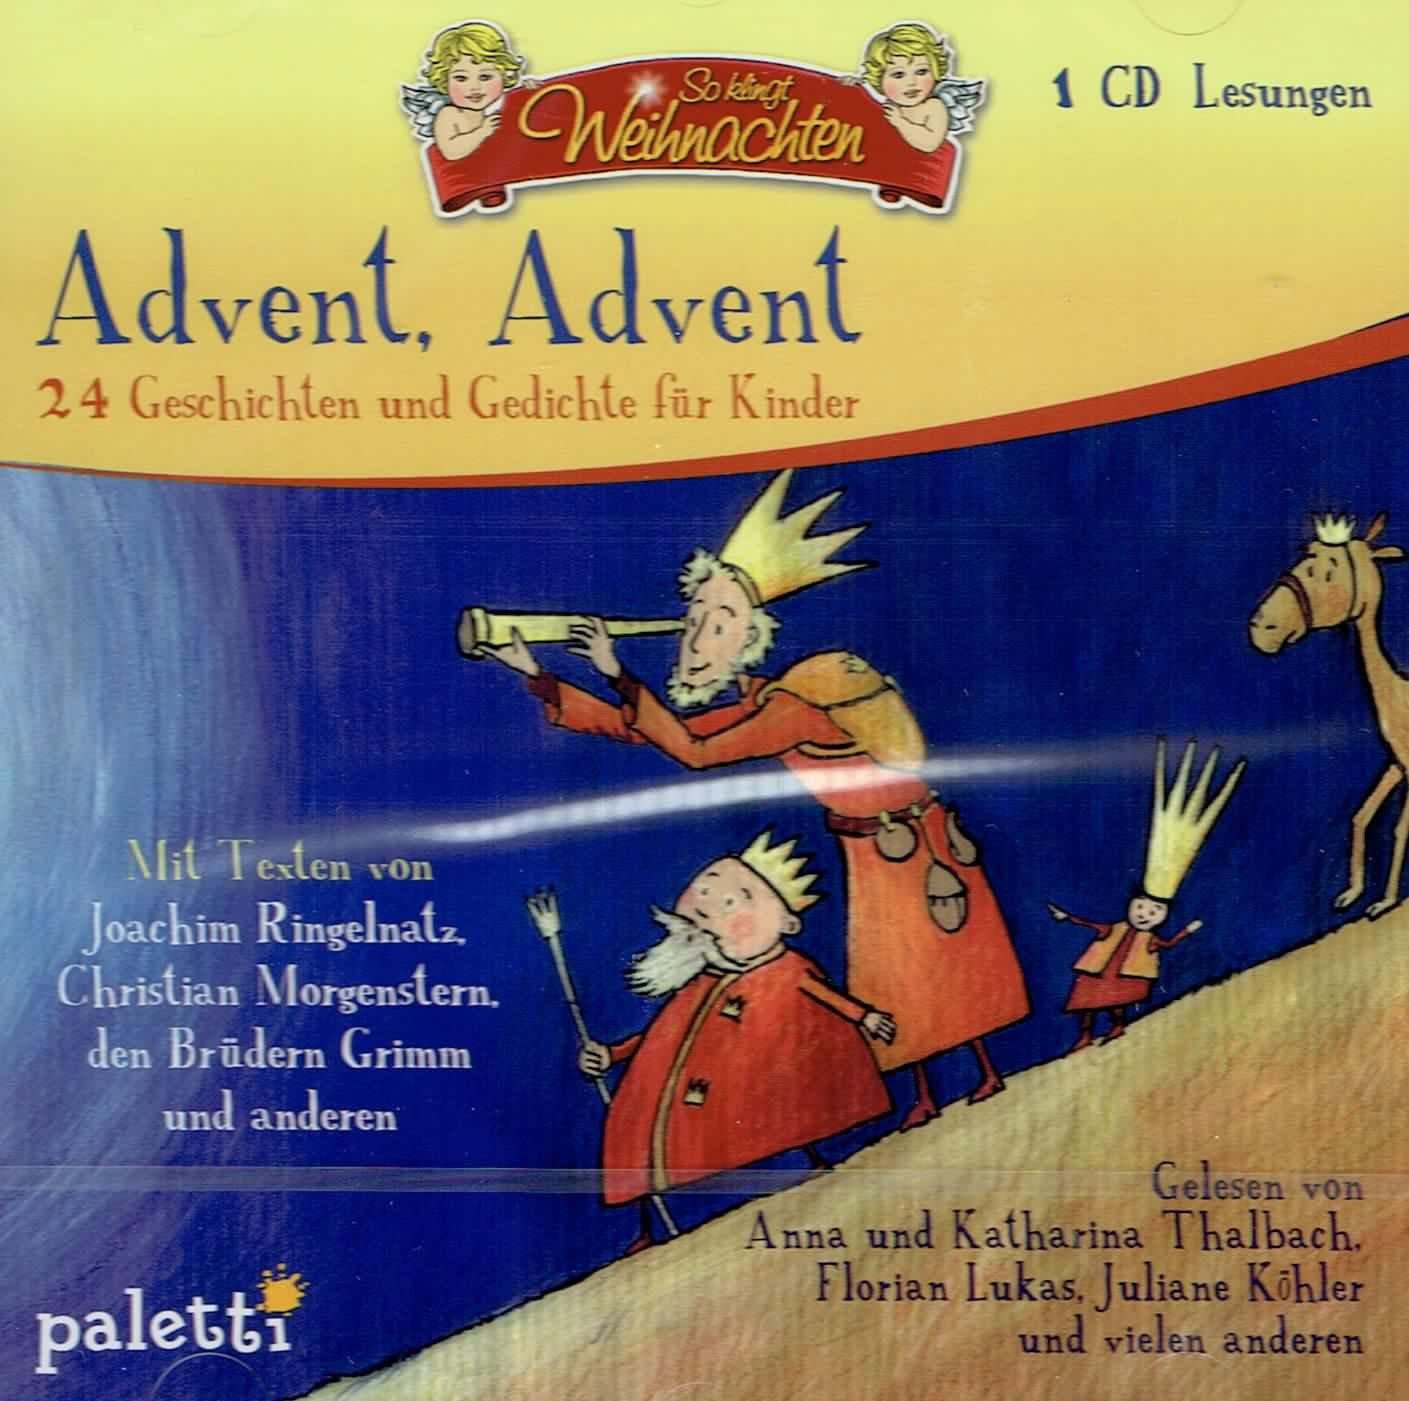 Advent Advent 24 Geschichten Und Gedichte Für Kinder So